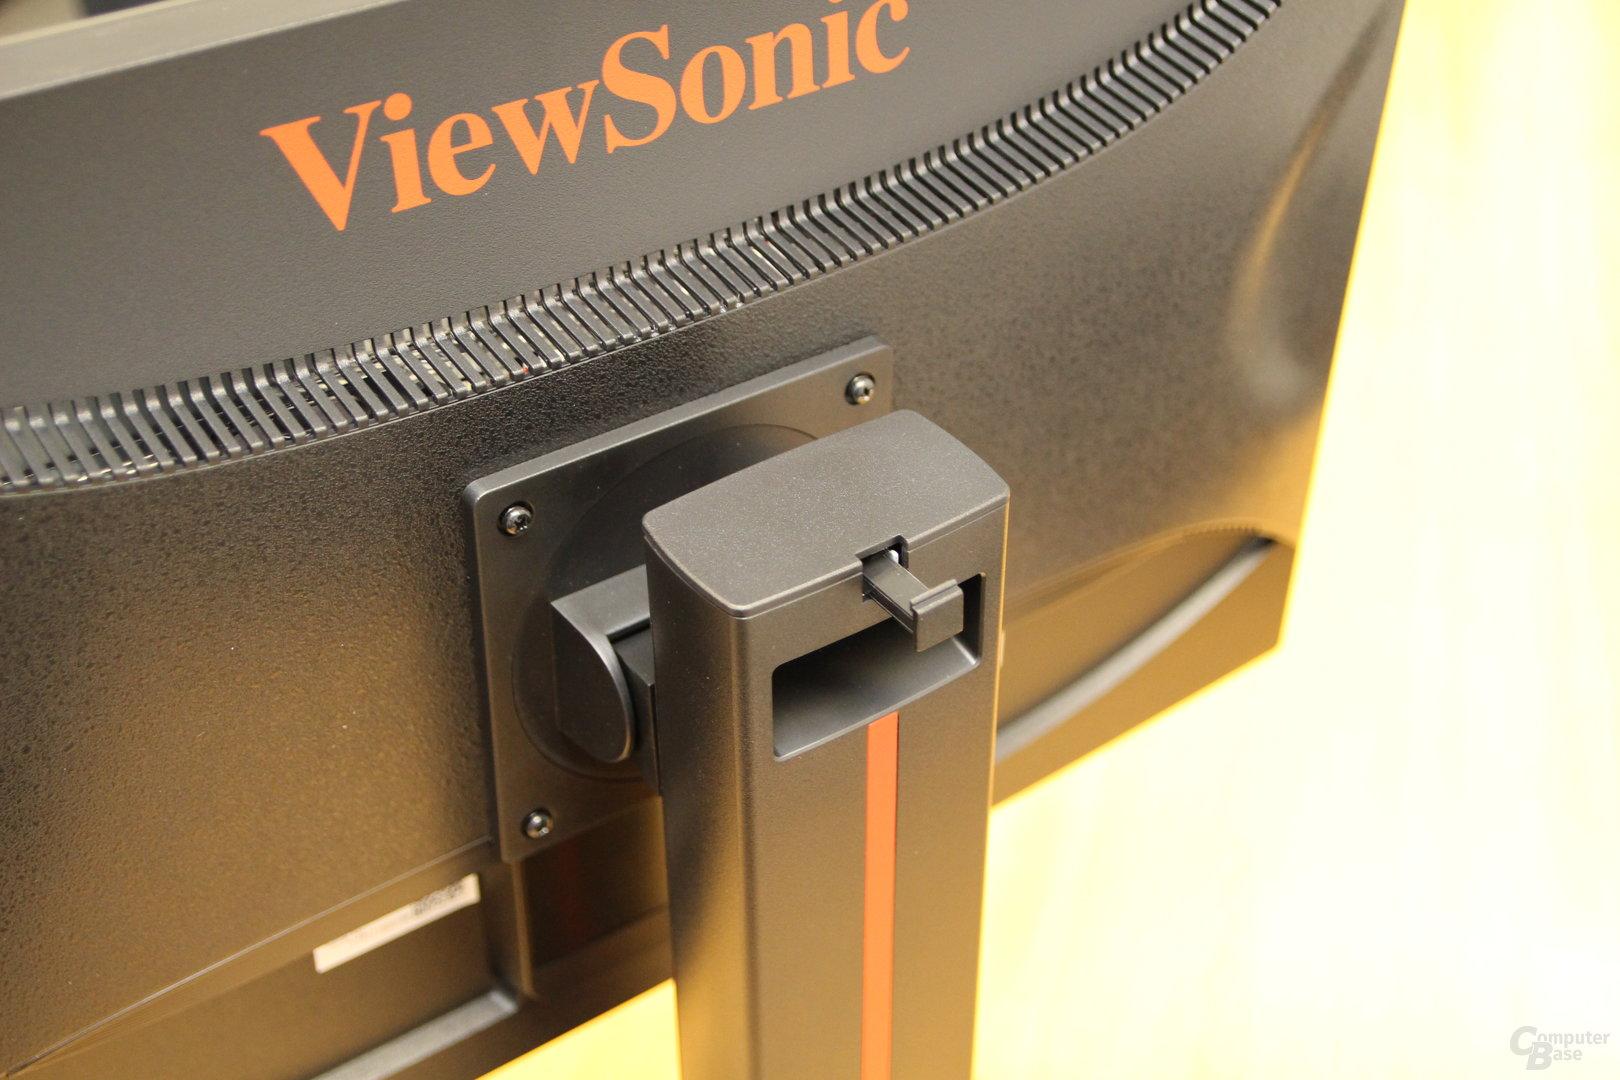 ViewSonic XG2530 im Test